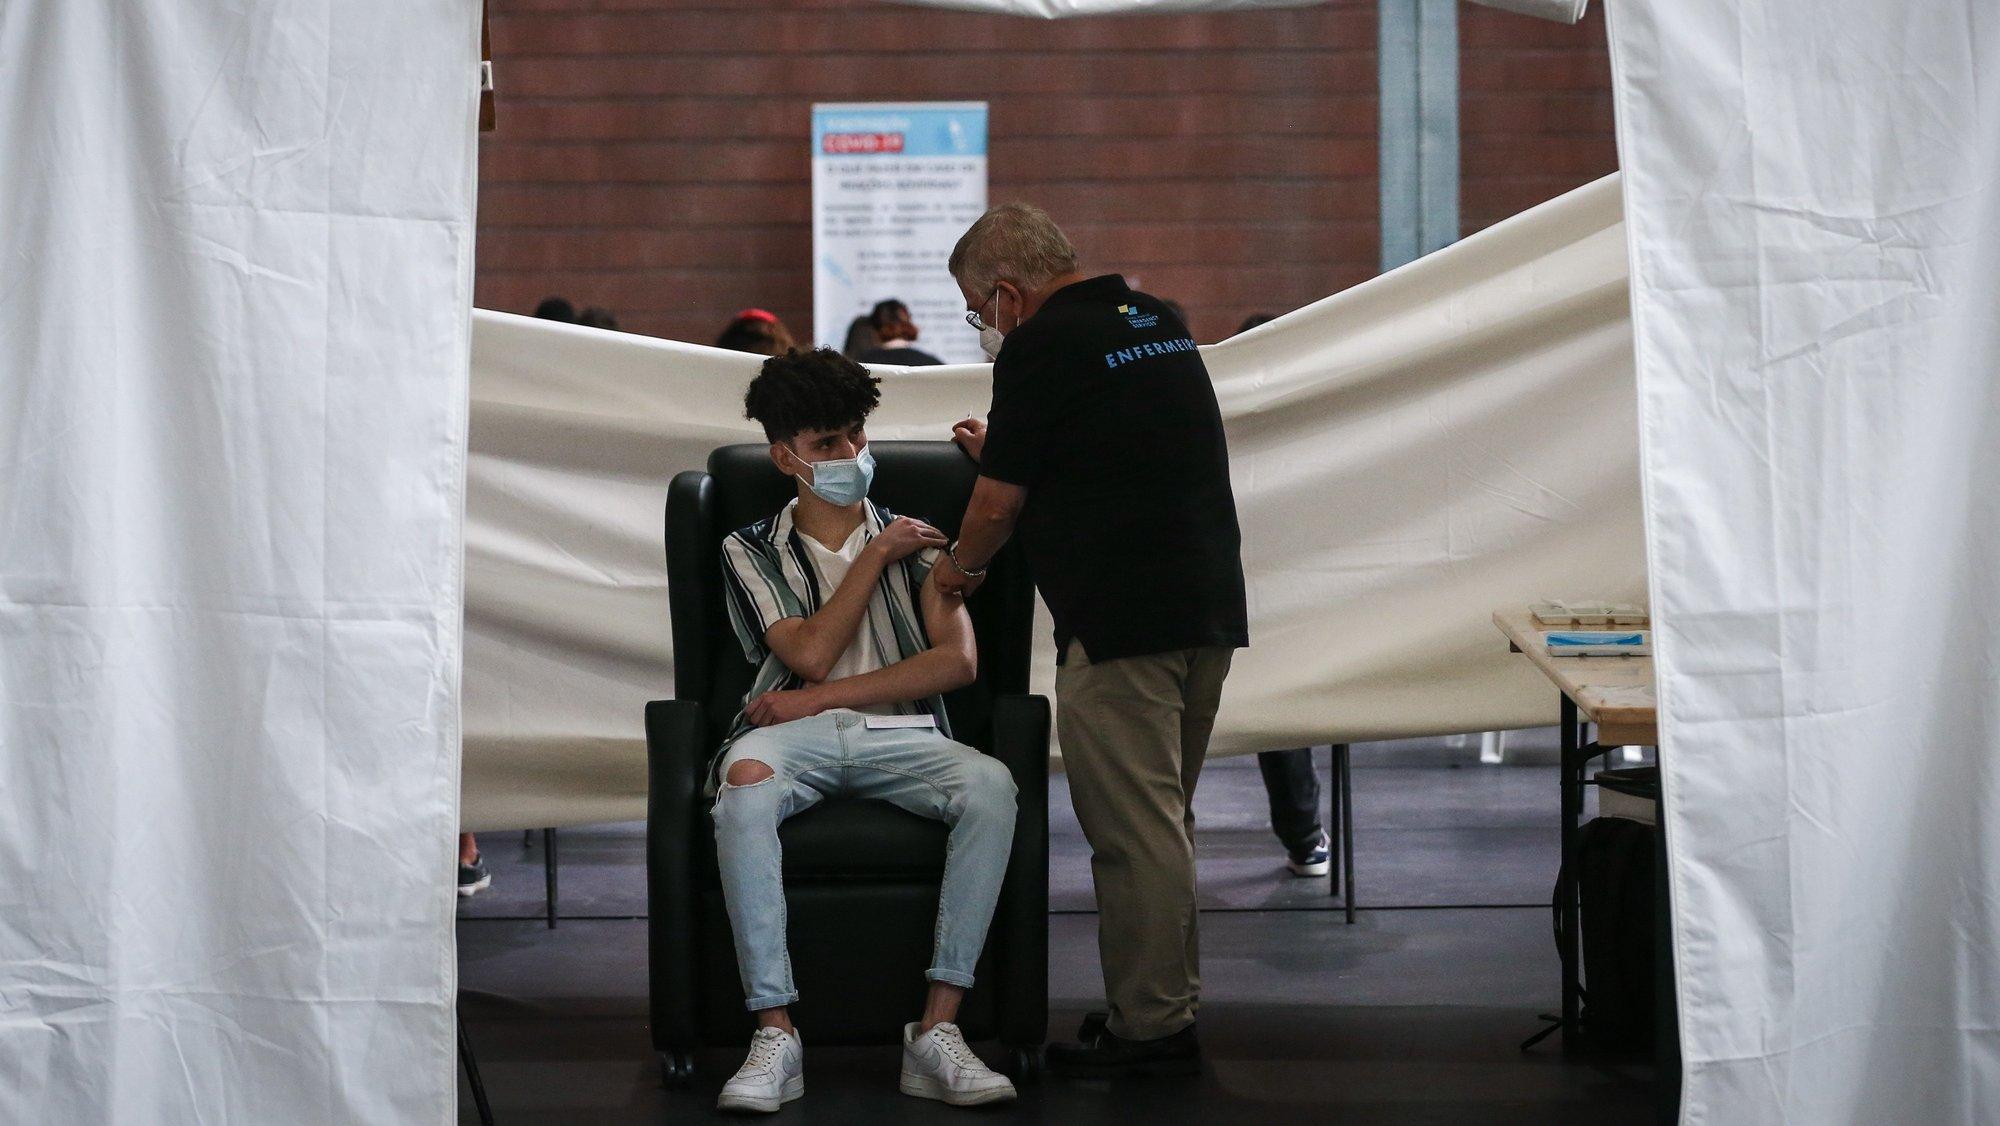 Um adolescente é vacinado contra o Covid-19 durante o fim de semana de vacinação de jovens de 16 e 17 anos, no Pavilhão António Feliciano Bastos, em Loures , 14 de agosto de 2021.  RODRIGO ANTUNES/LUSA